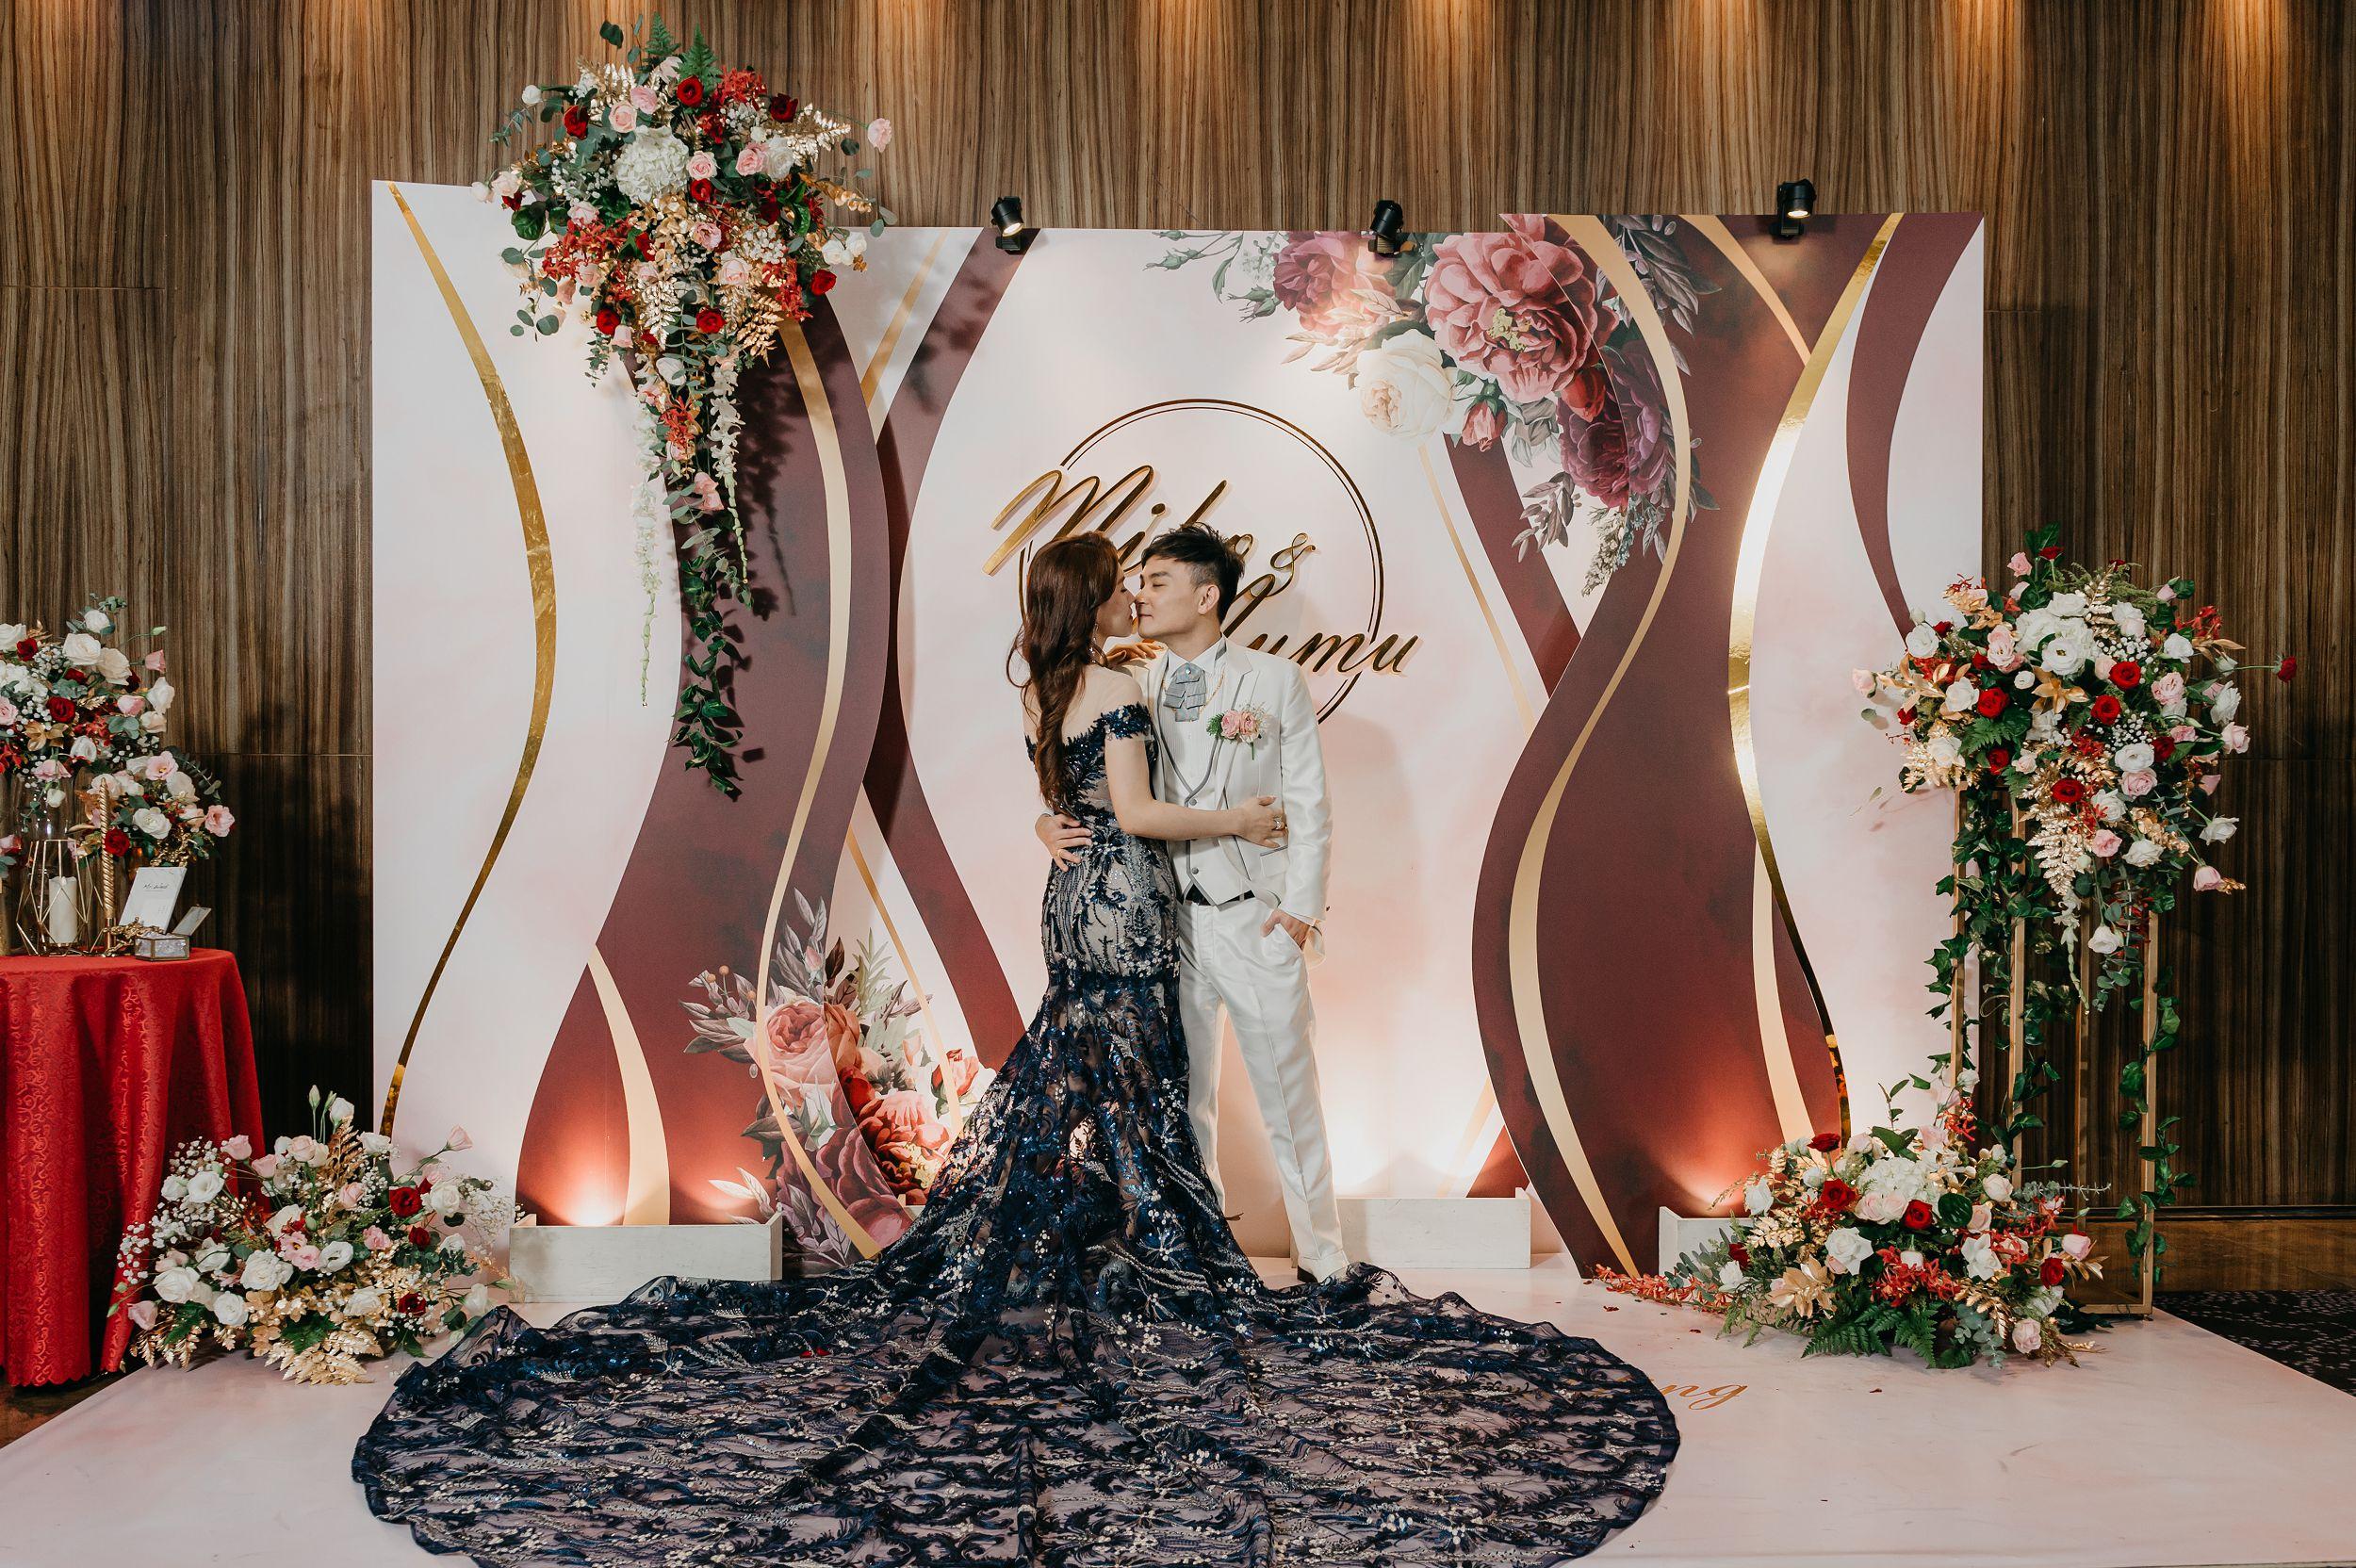 婚禮紀錄,婚攝,雙人雙機,雙主攝,風雲20,新娘物語推薦,台北婚攝,whotel,新秘,造型,文定儀式,迎娶,闖關,拜別,類婚紗,儀式引導,婚禮佈置,全家福,捧花,花椰菜